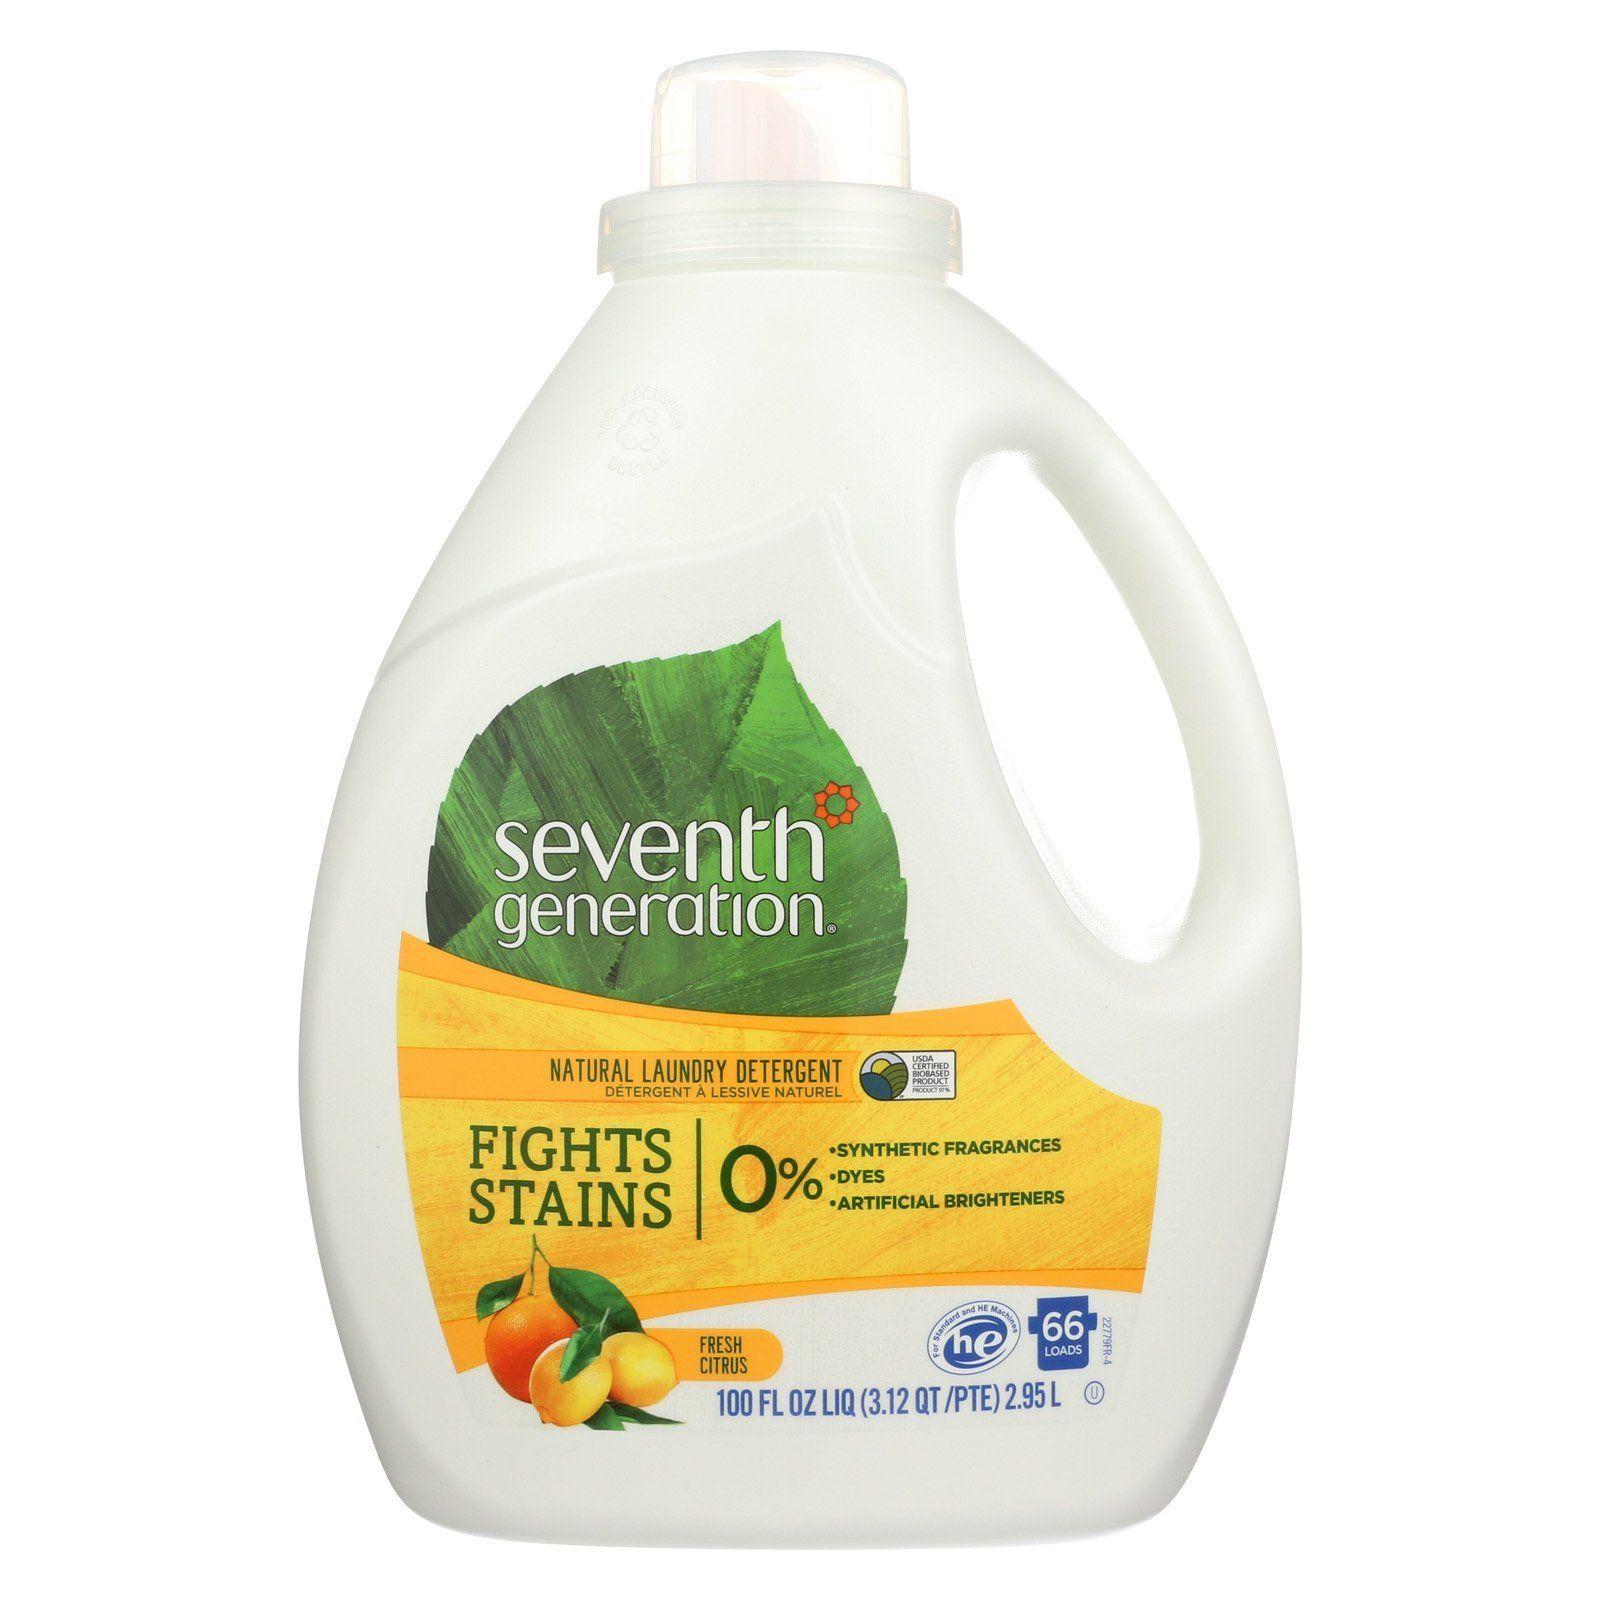 Seventh Generation Natural Laundry Detergent Fresh Citrus Case